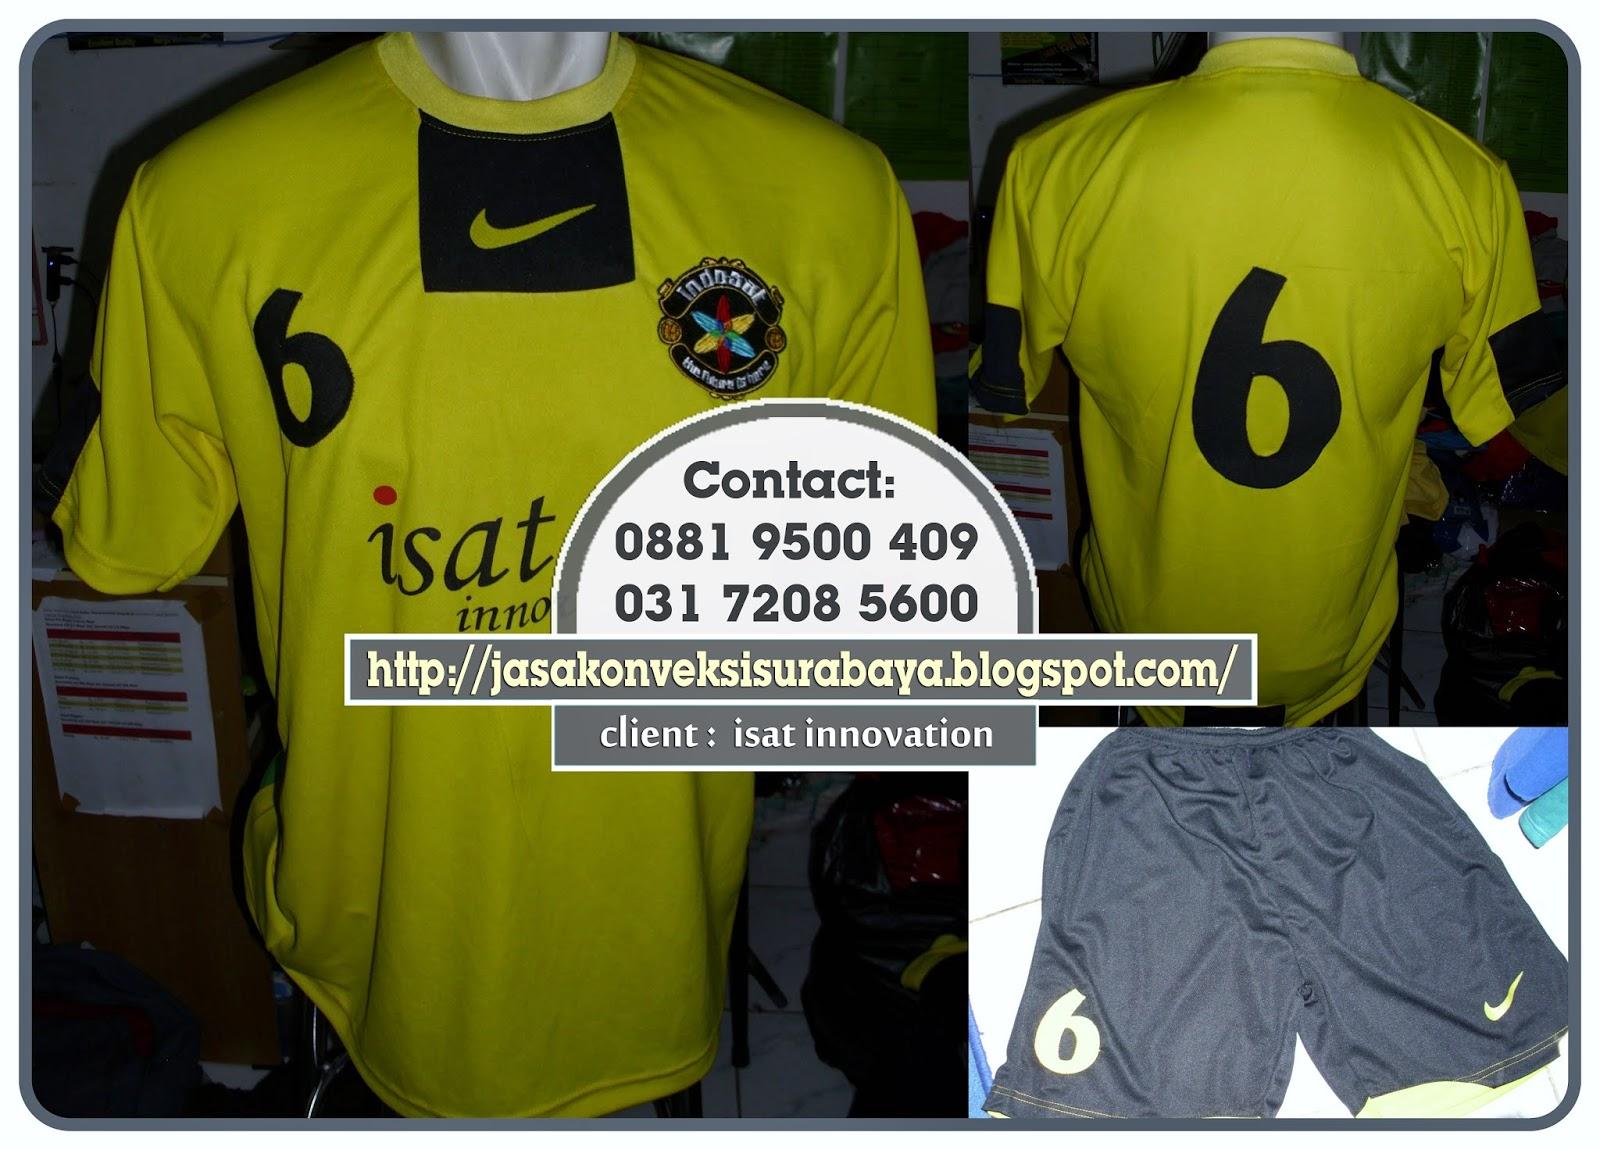 Bikin Baju Olahraga club, Bikin Baju Olahraga sablon, Bikin Baju Olahraga Surabaya,